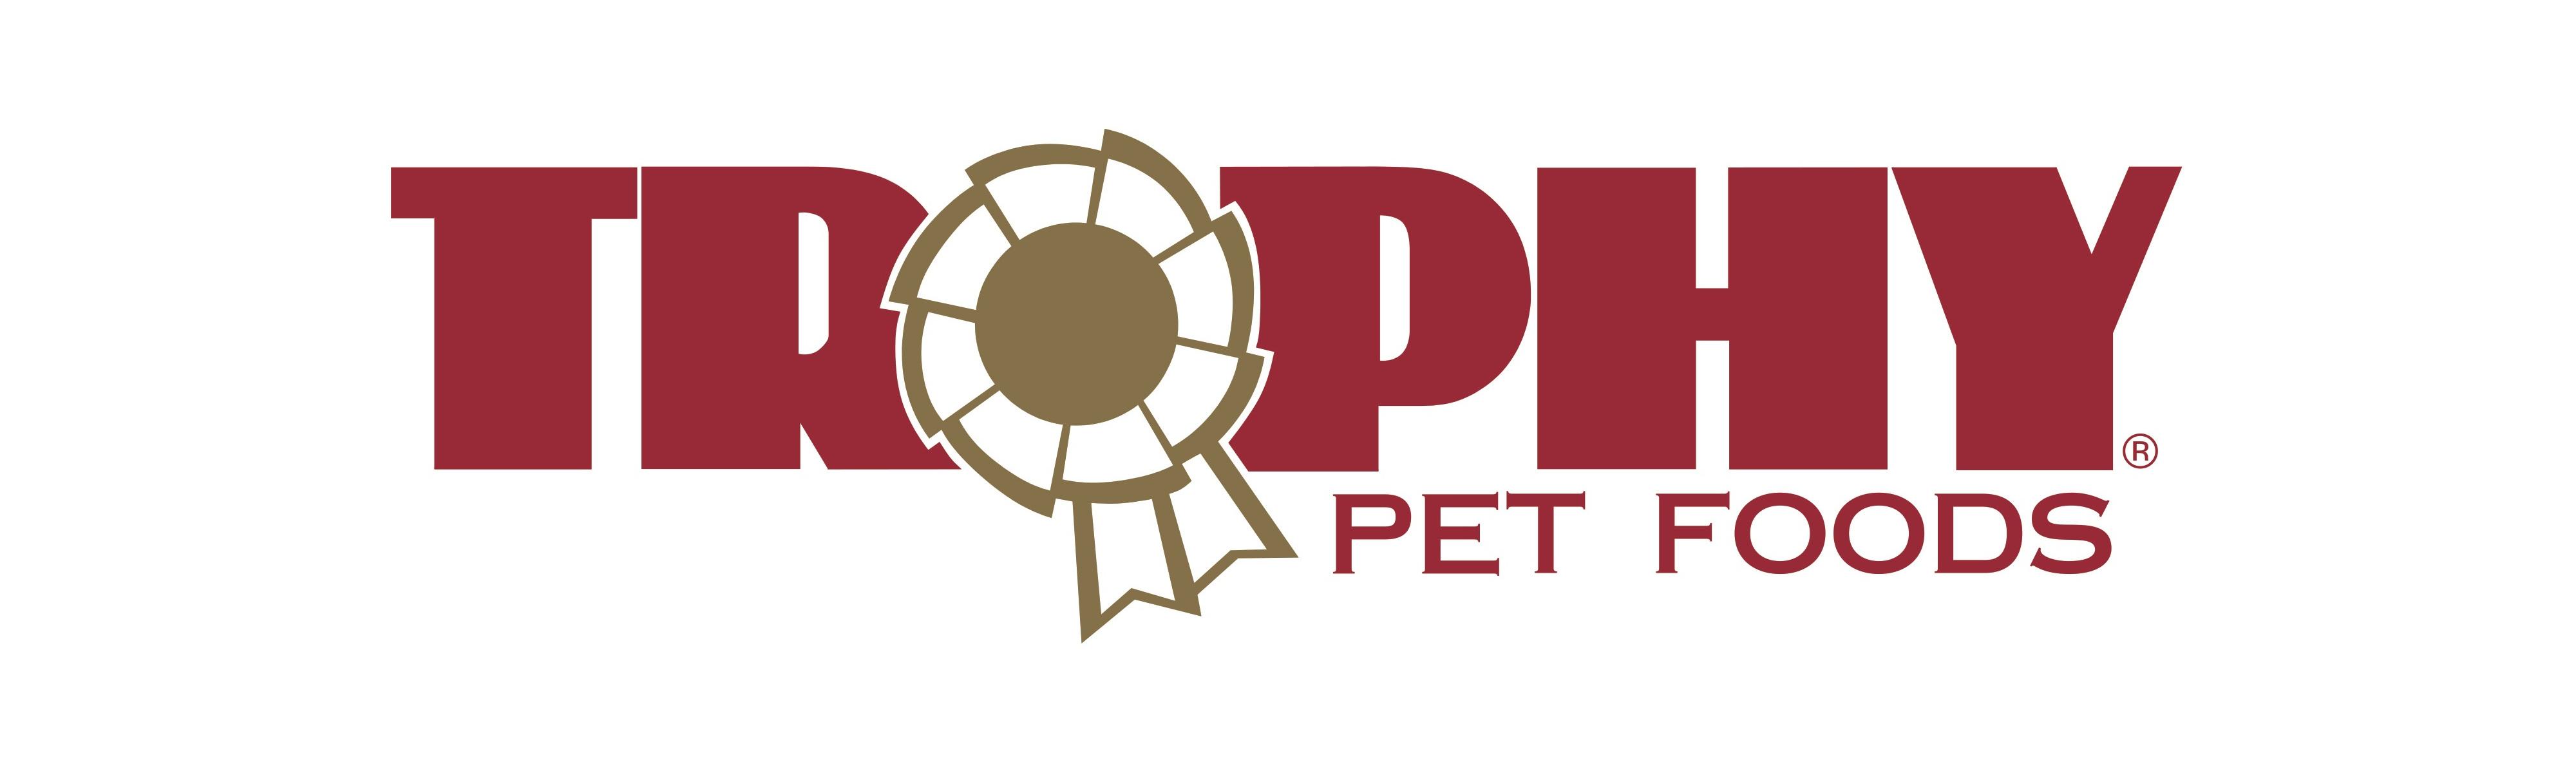 Trophy Logo 2017